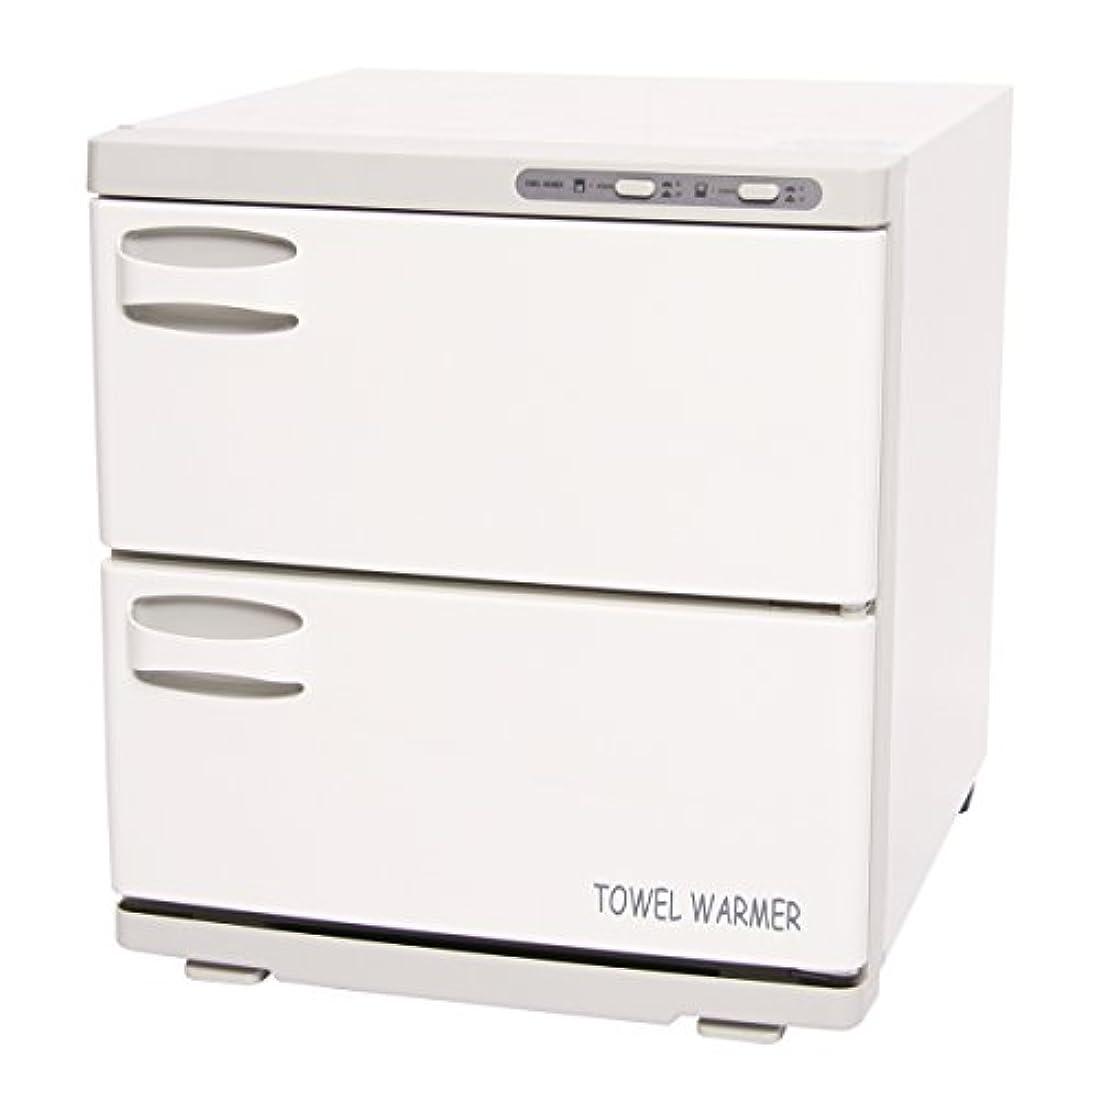 忘れっぽいブース焼くタオルウォーマー 2ドア (横開き) 32L [ タオル蒸し器 おしぼり蒸し器 タオルスチーマー ホットボックス タオル おしぼり ウォーマー スチーマー 業務用 保温器 ]